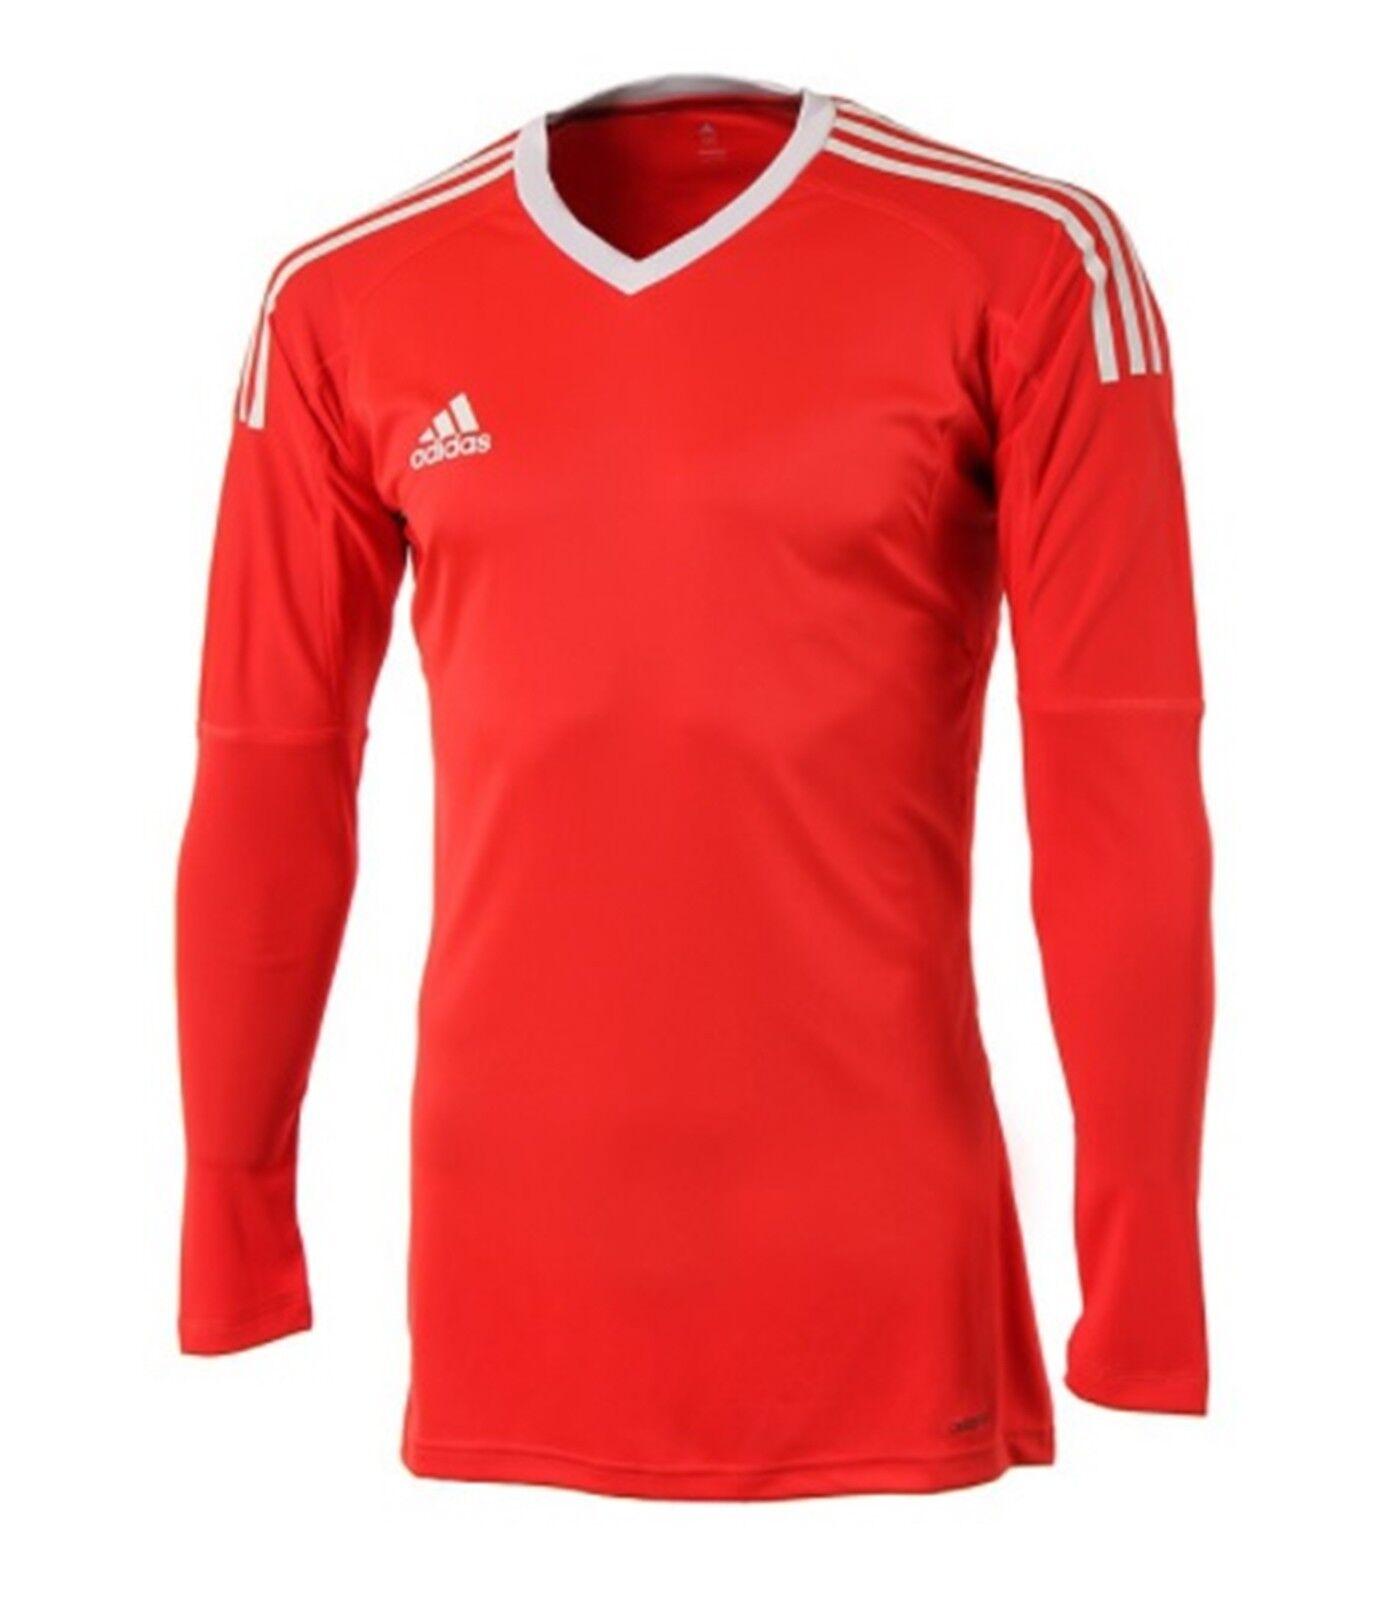 Adidas Hombres Revigo 17 Camisas De Portero Fútbol Rojo GK Camiseta De Fútbol Camiseta AZ5394